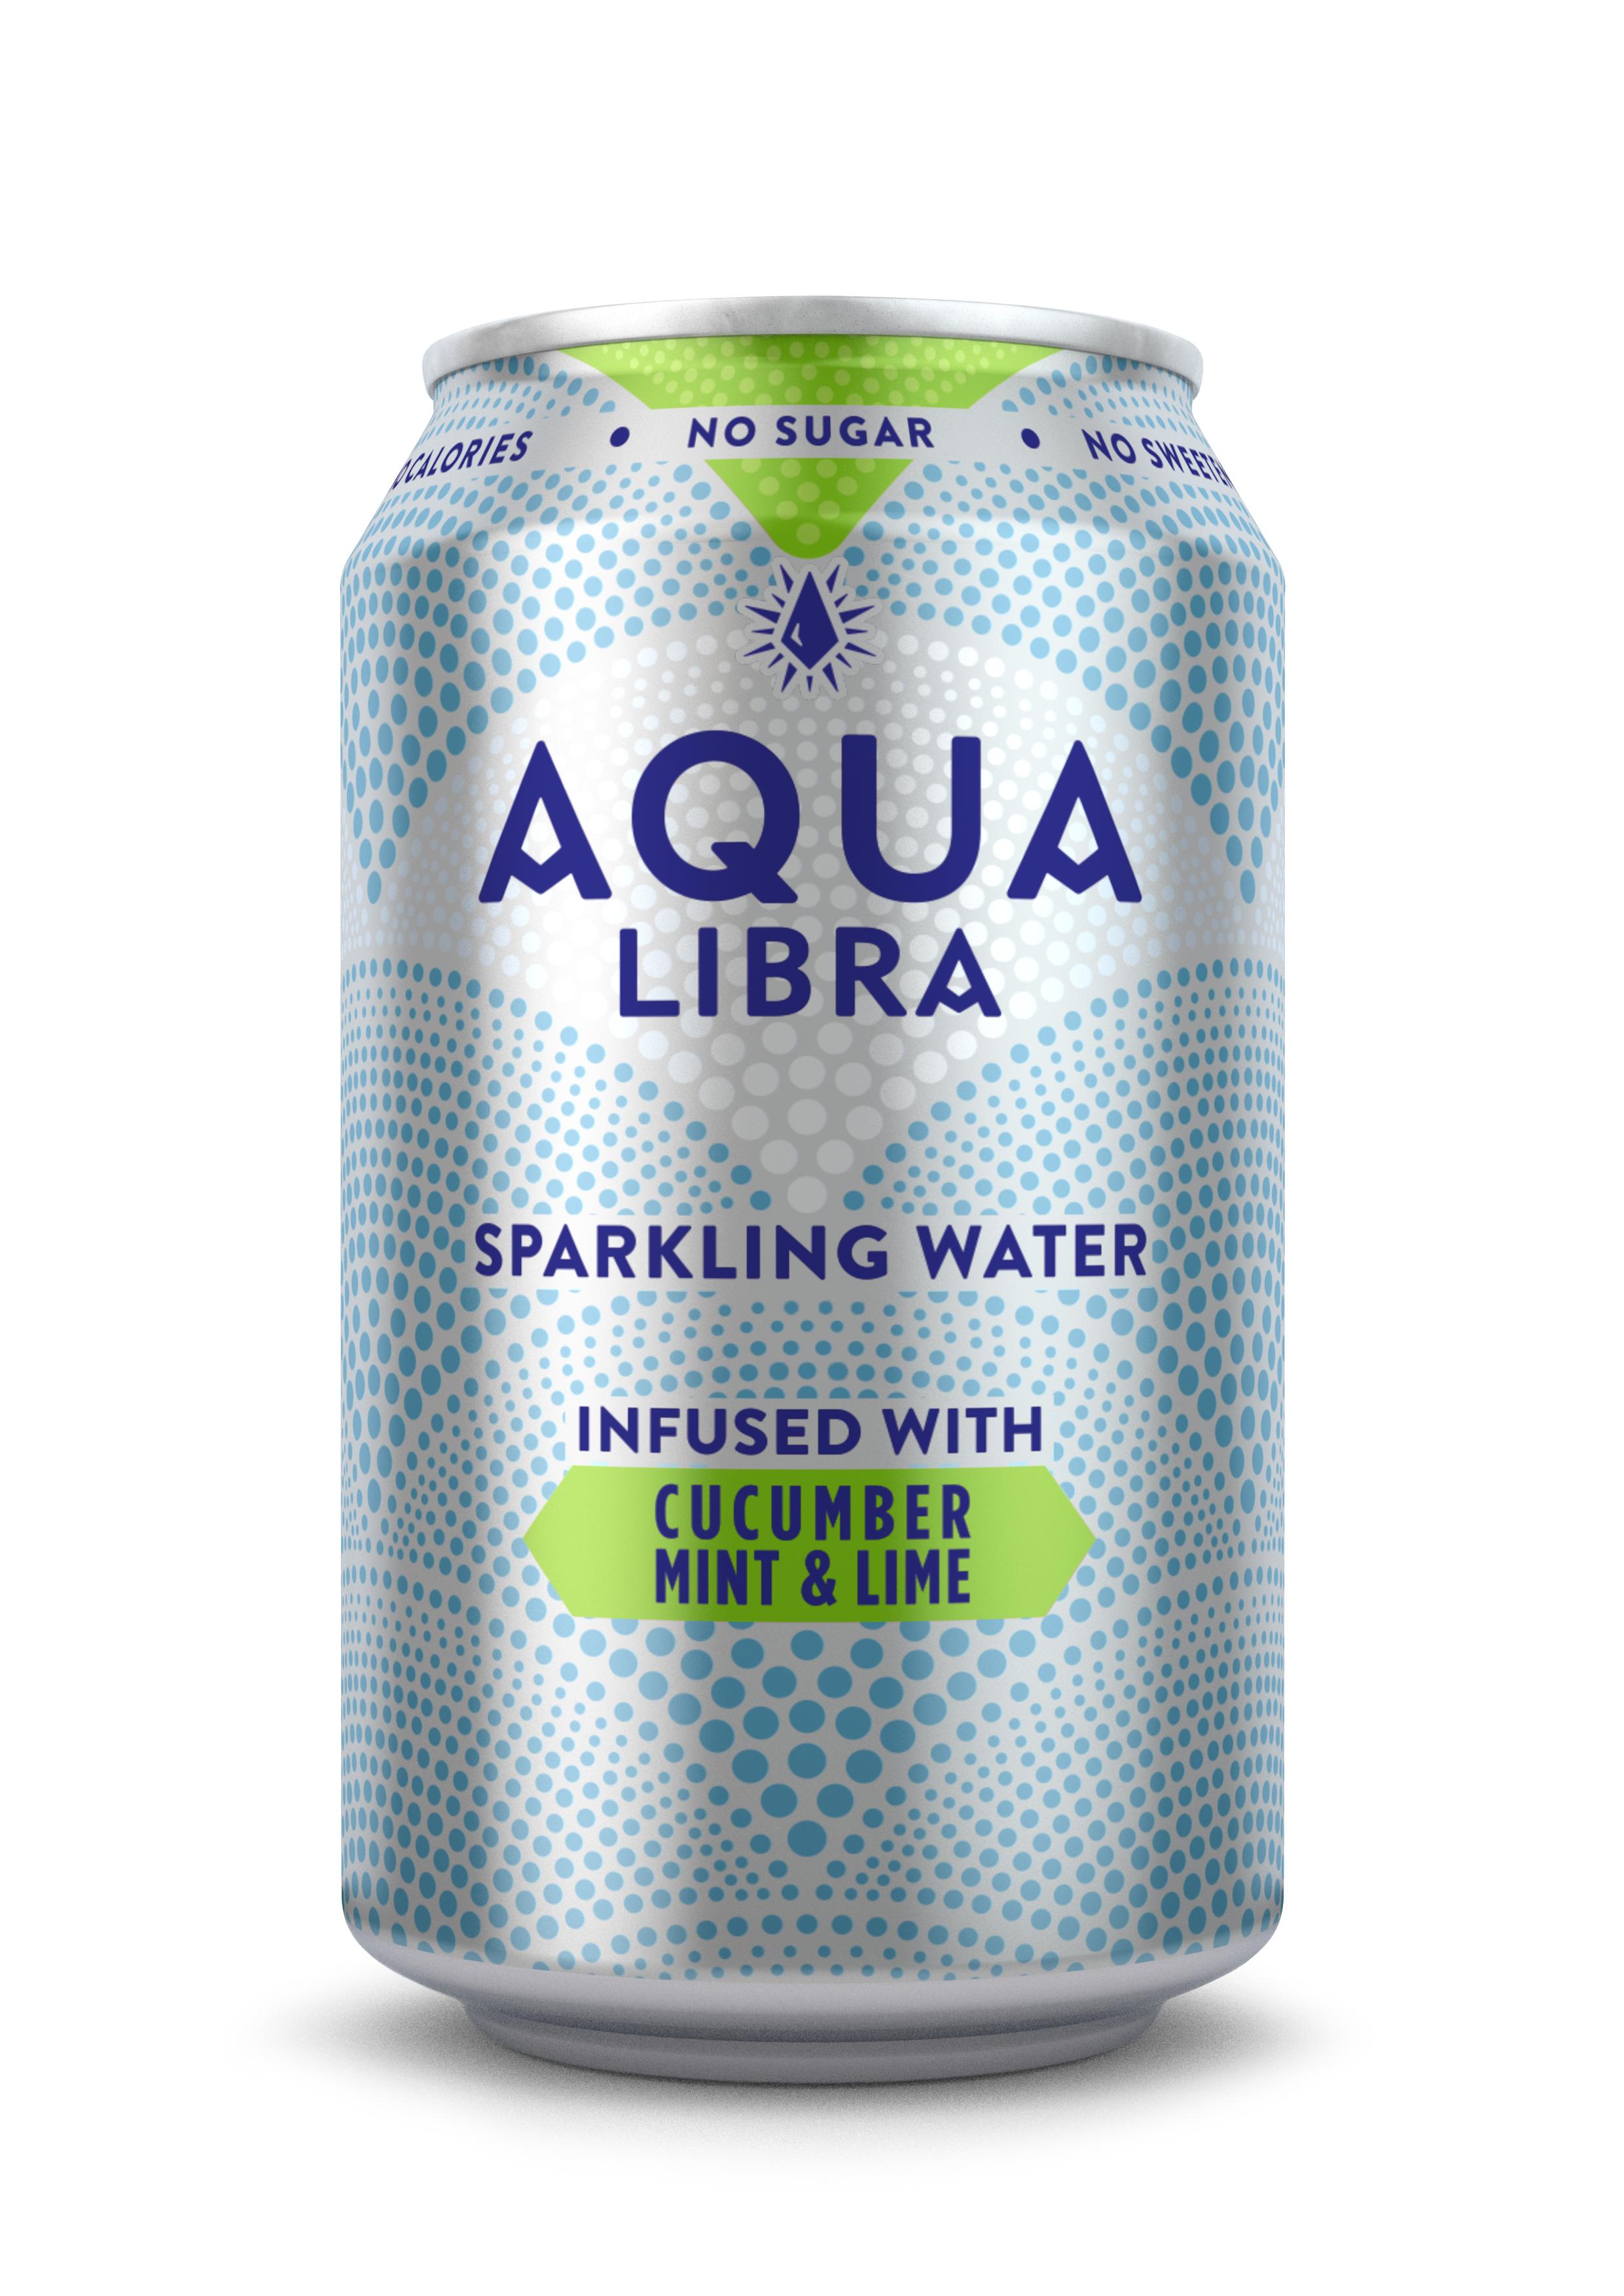 aqua libra, aqua libra drinks